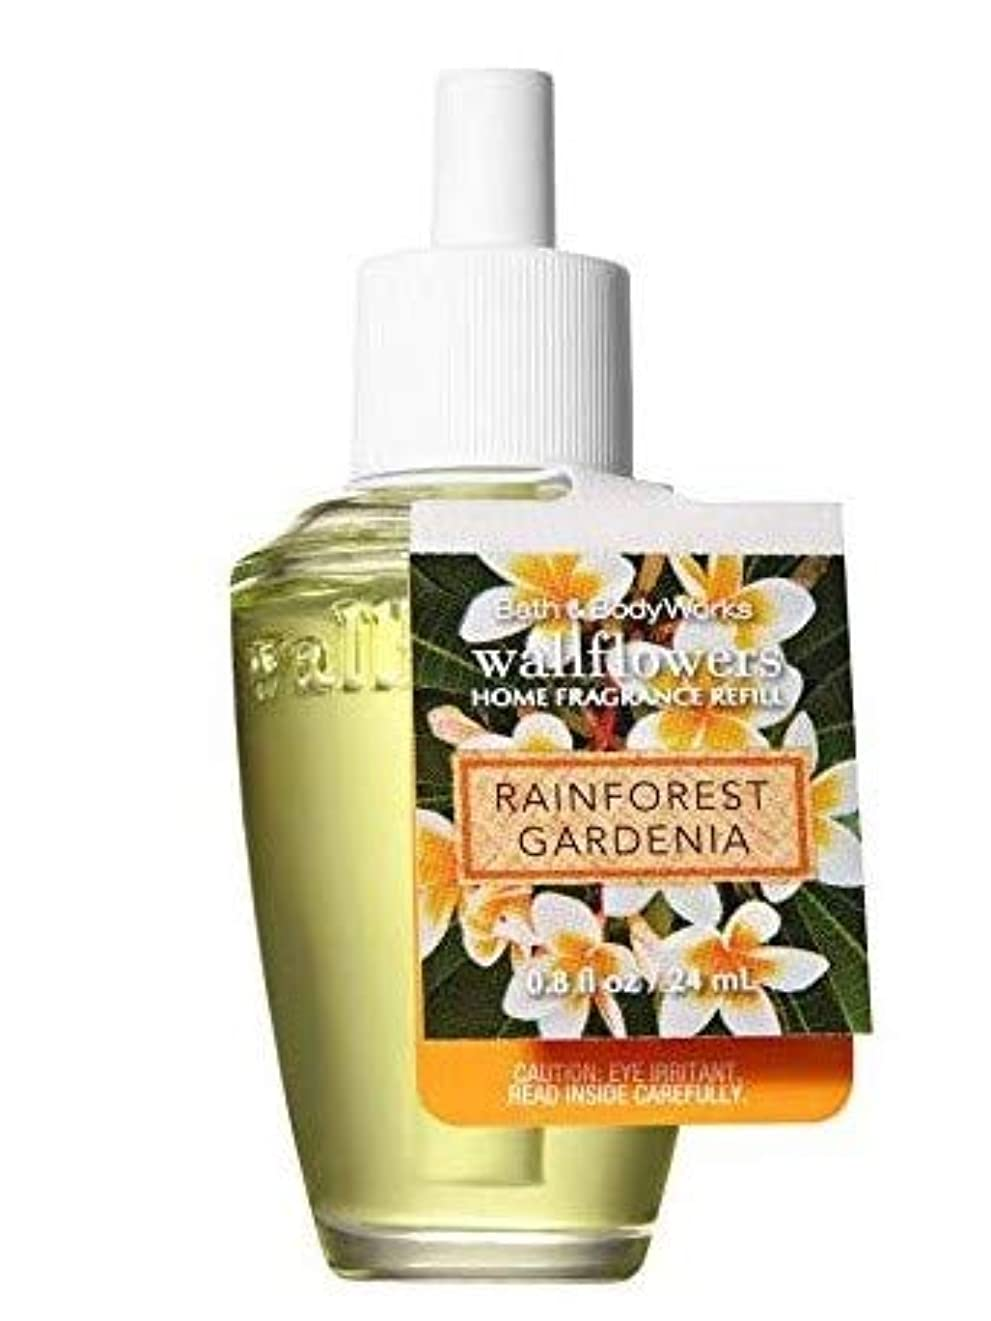 歯車オーナー袋【Bath&Body Works/バス&ボディワークス】 ルームフレグランス 詰替えリフィル レインフォレストガーデニア Wallflowers Home Fragrance Refill Rainforest Gardenia [並行輸入品]